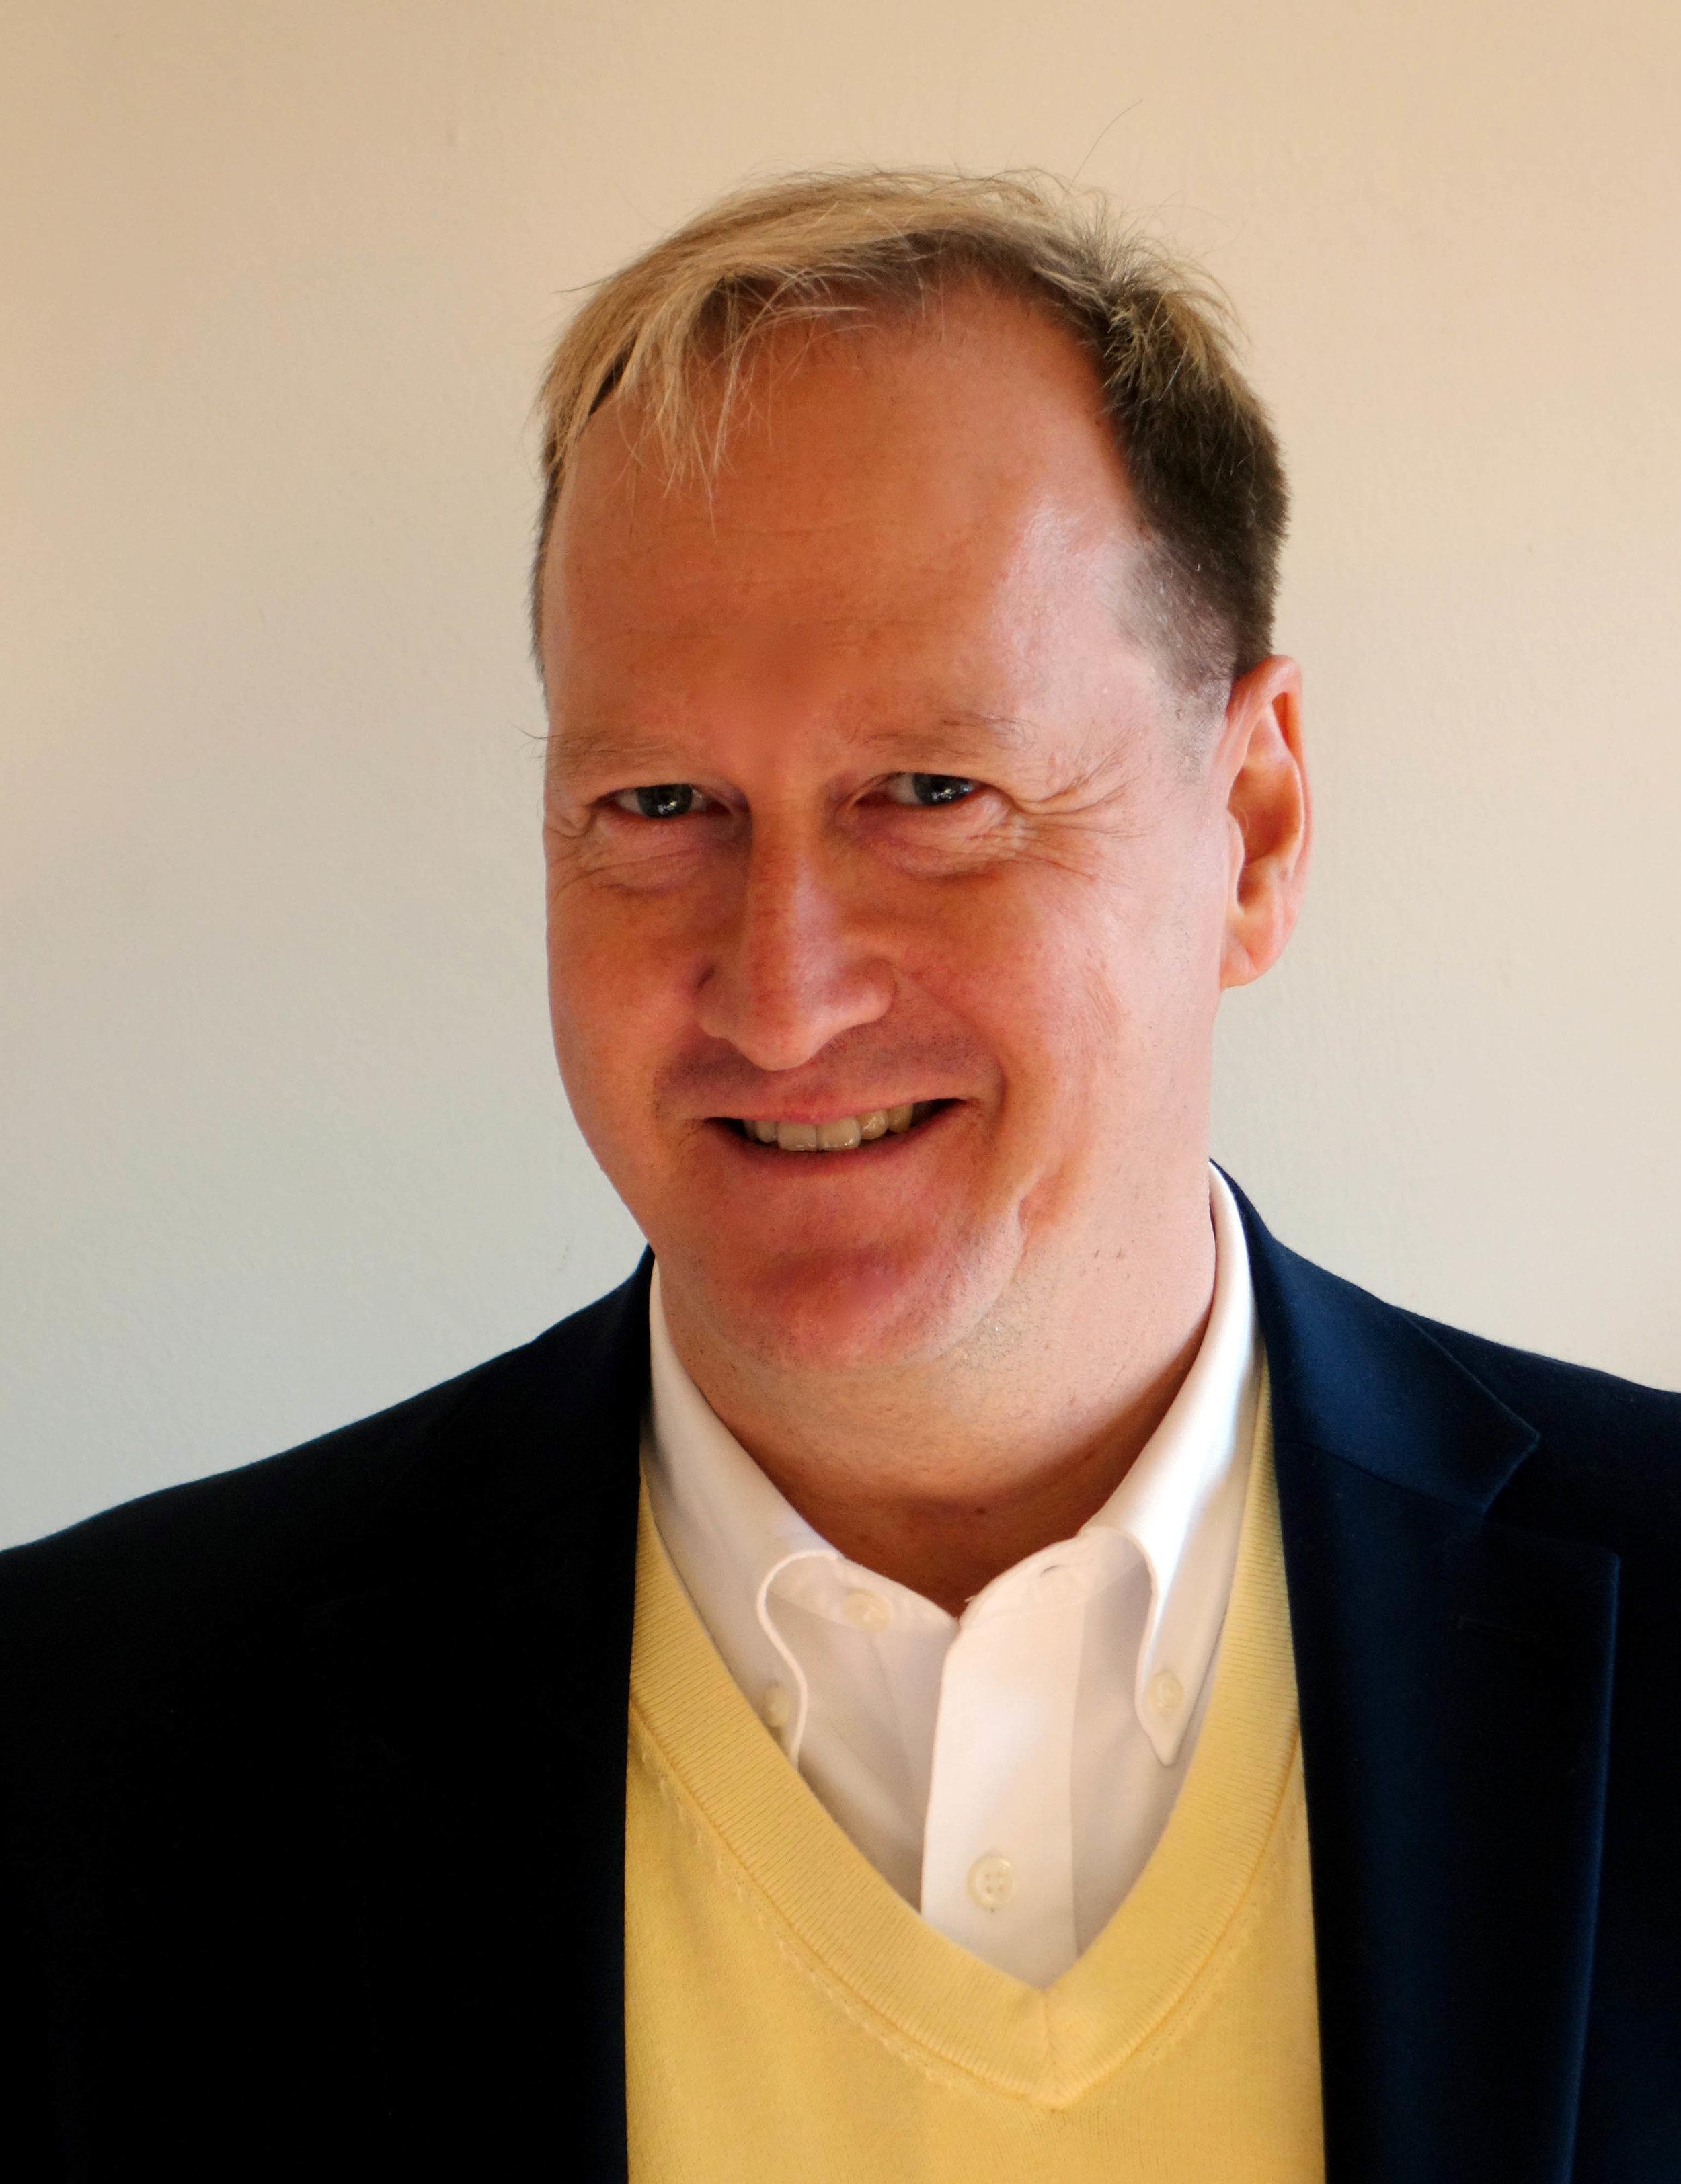 Simon Henry Petty-Fitzmaurice, Earl of Kerry